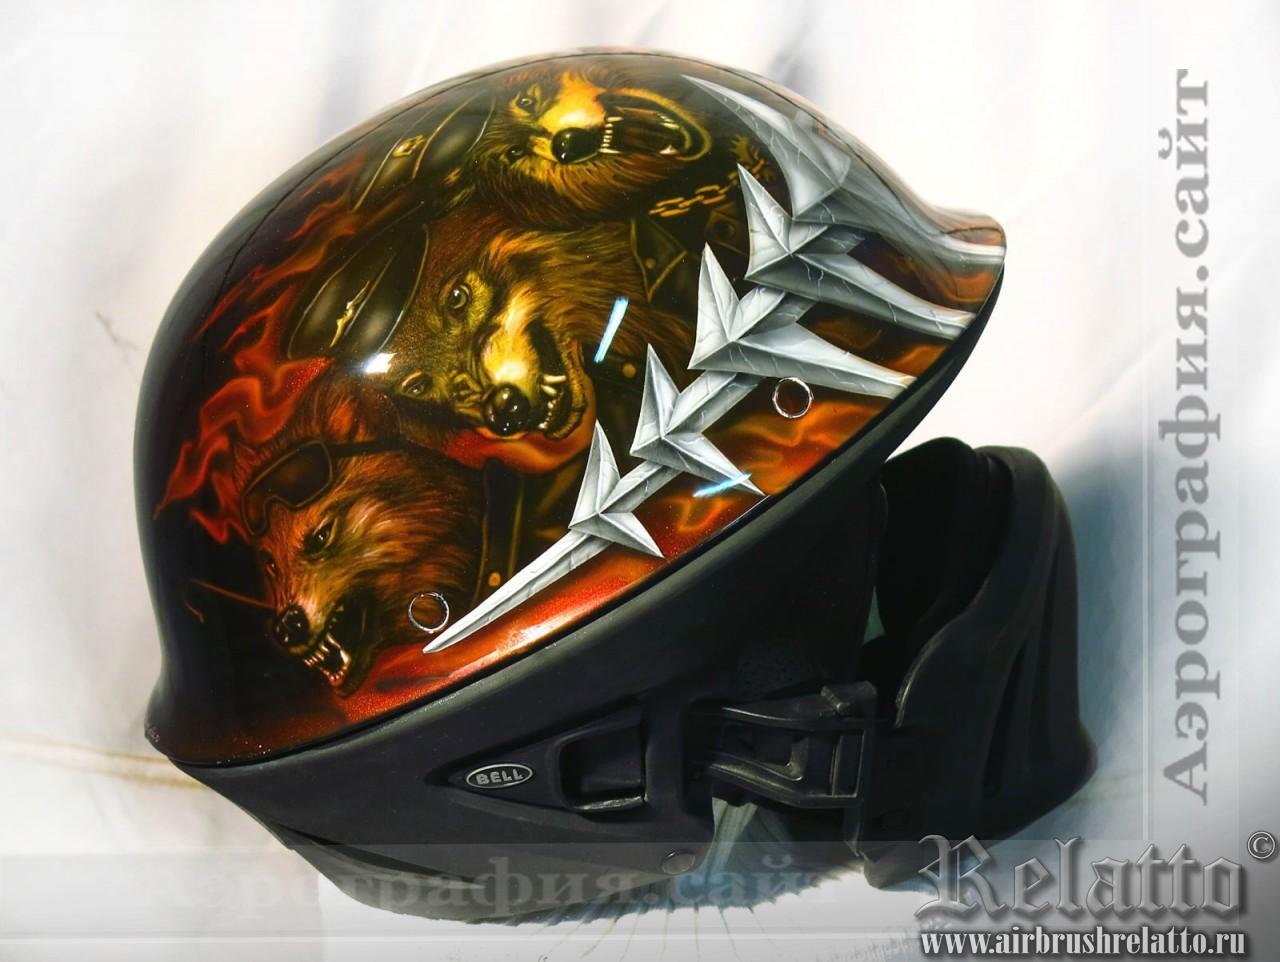 Роспись шлема Bell